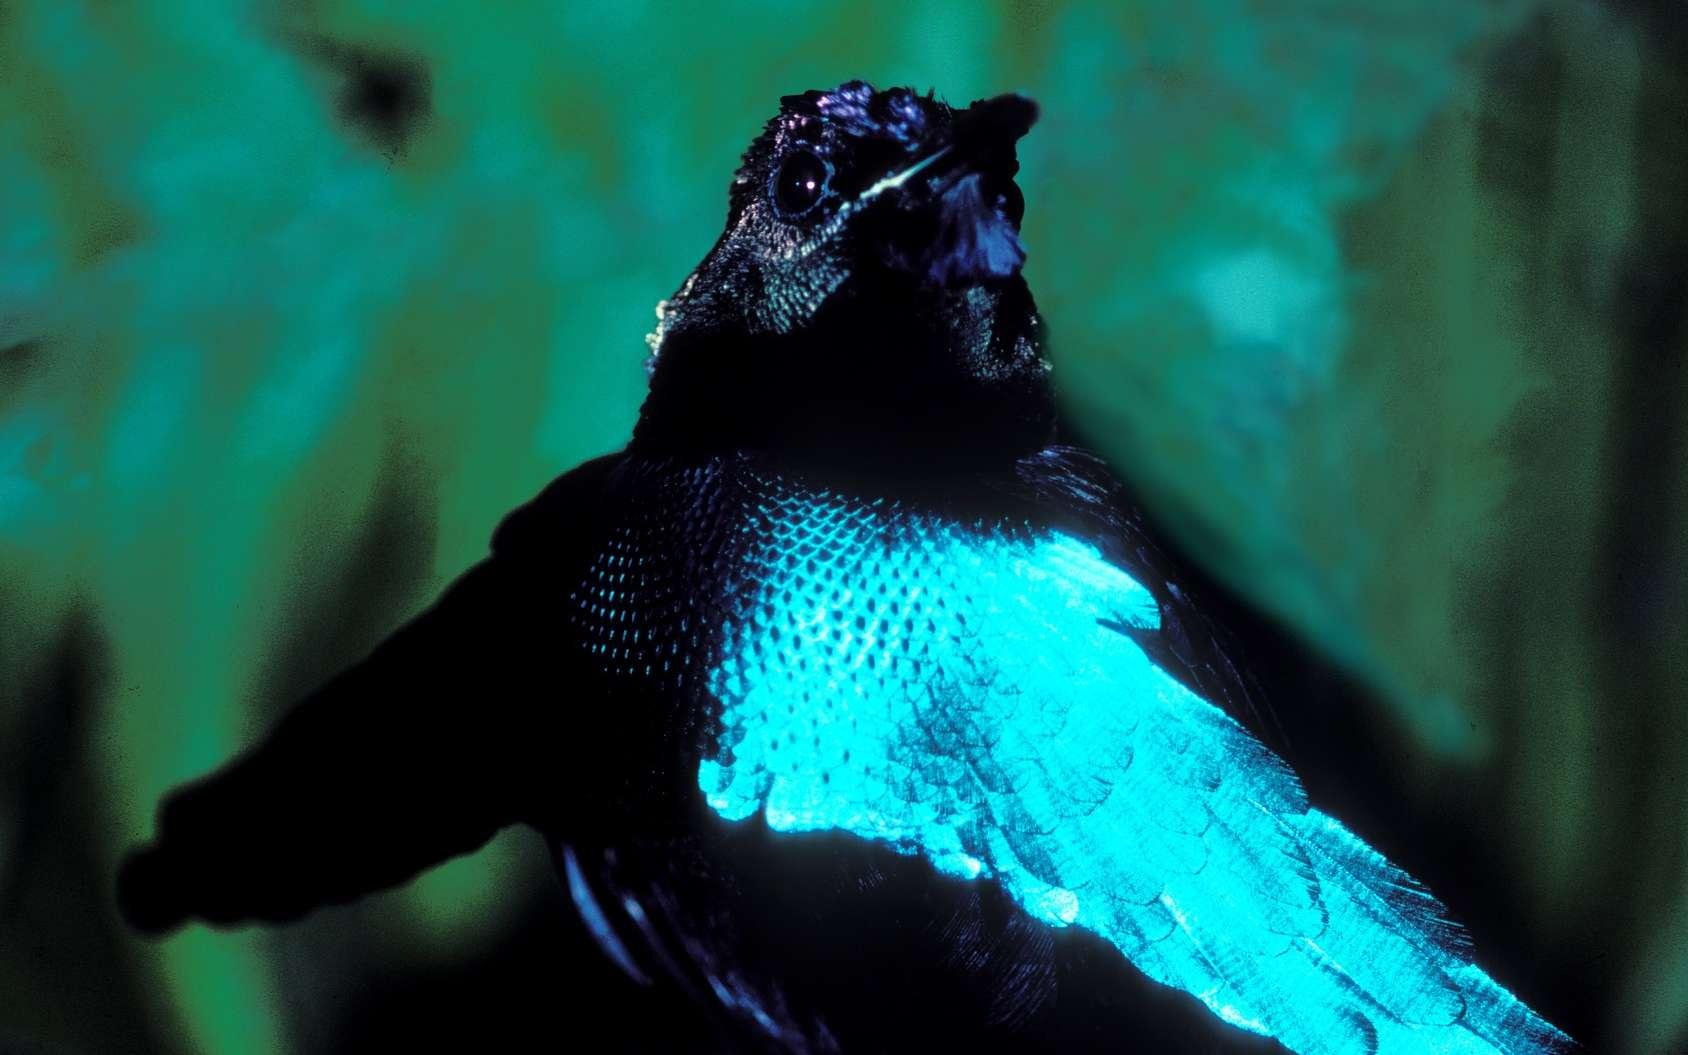 Les oiseaux de paradis, comme ce Lophorina superba ou paradisier superbe, ont des plumes super-noires, qui absorbent la lumière à plus de 99 %. © Pixaterra, Fotolia